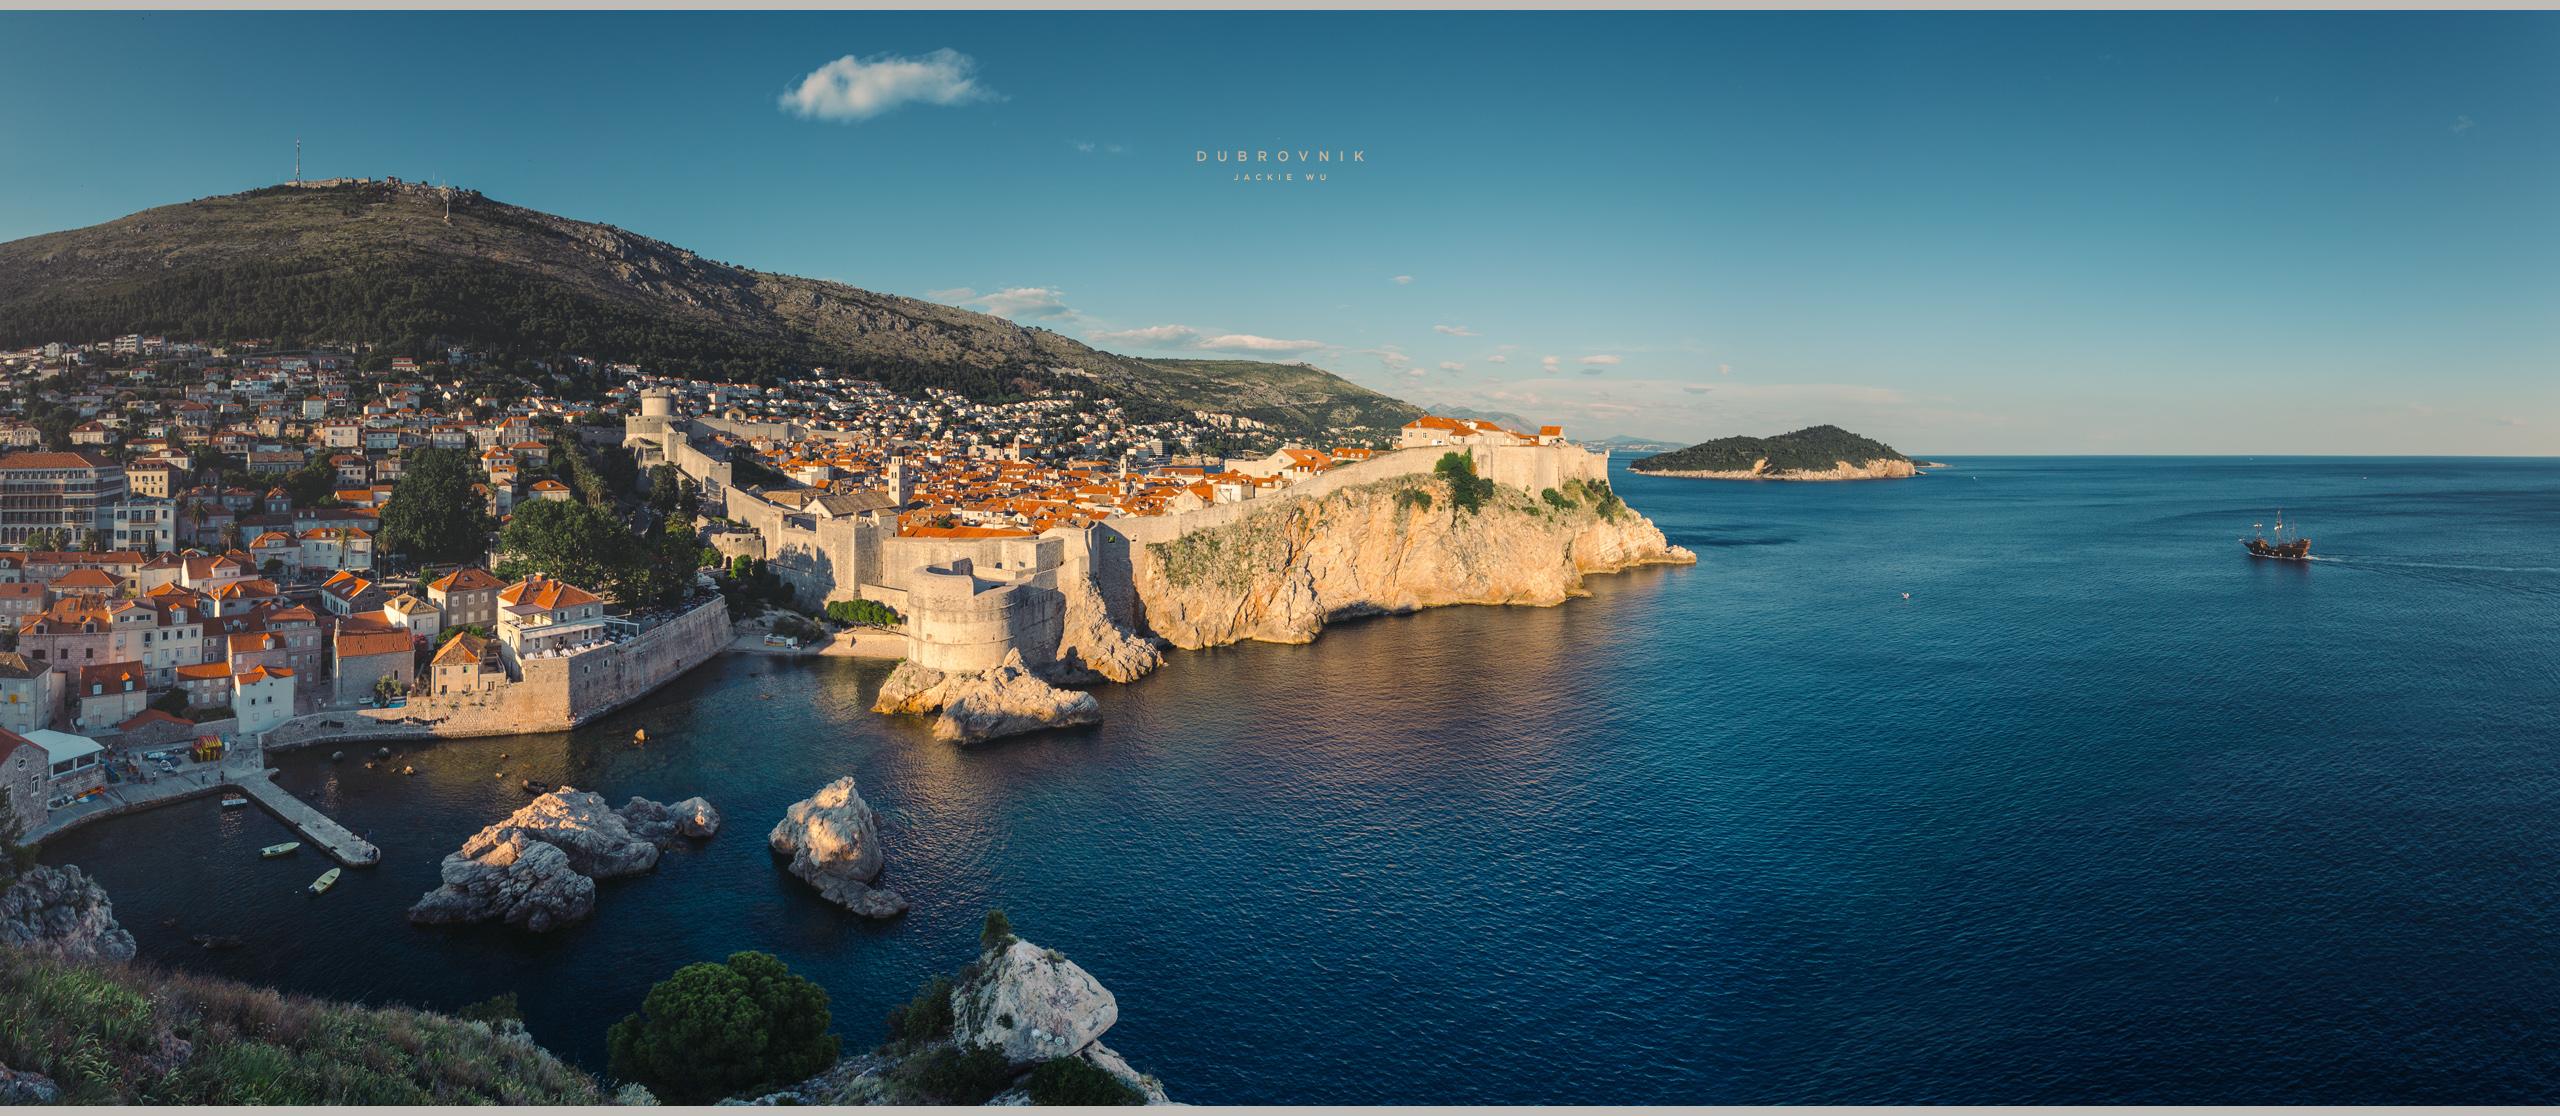 Dubrovnik by geckokid